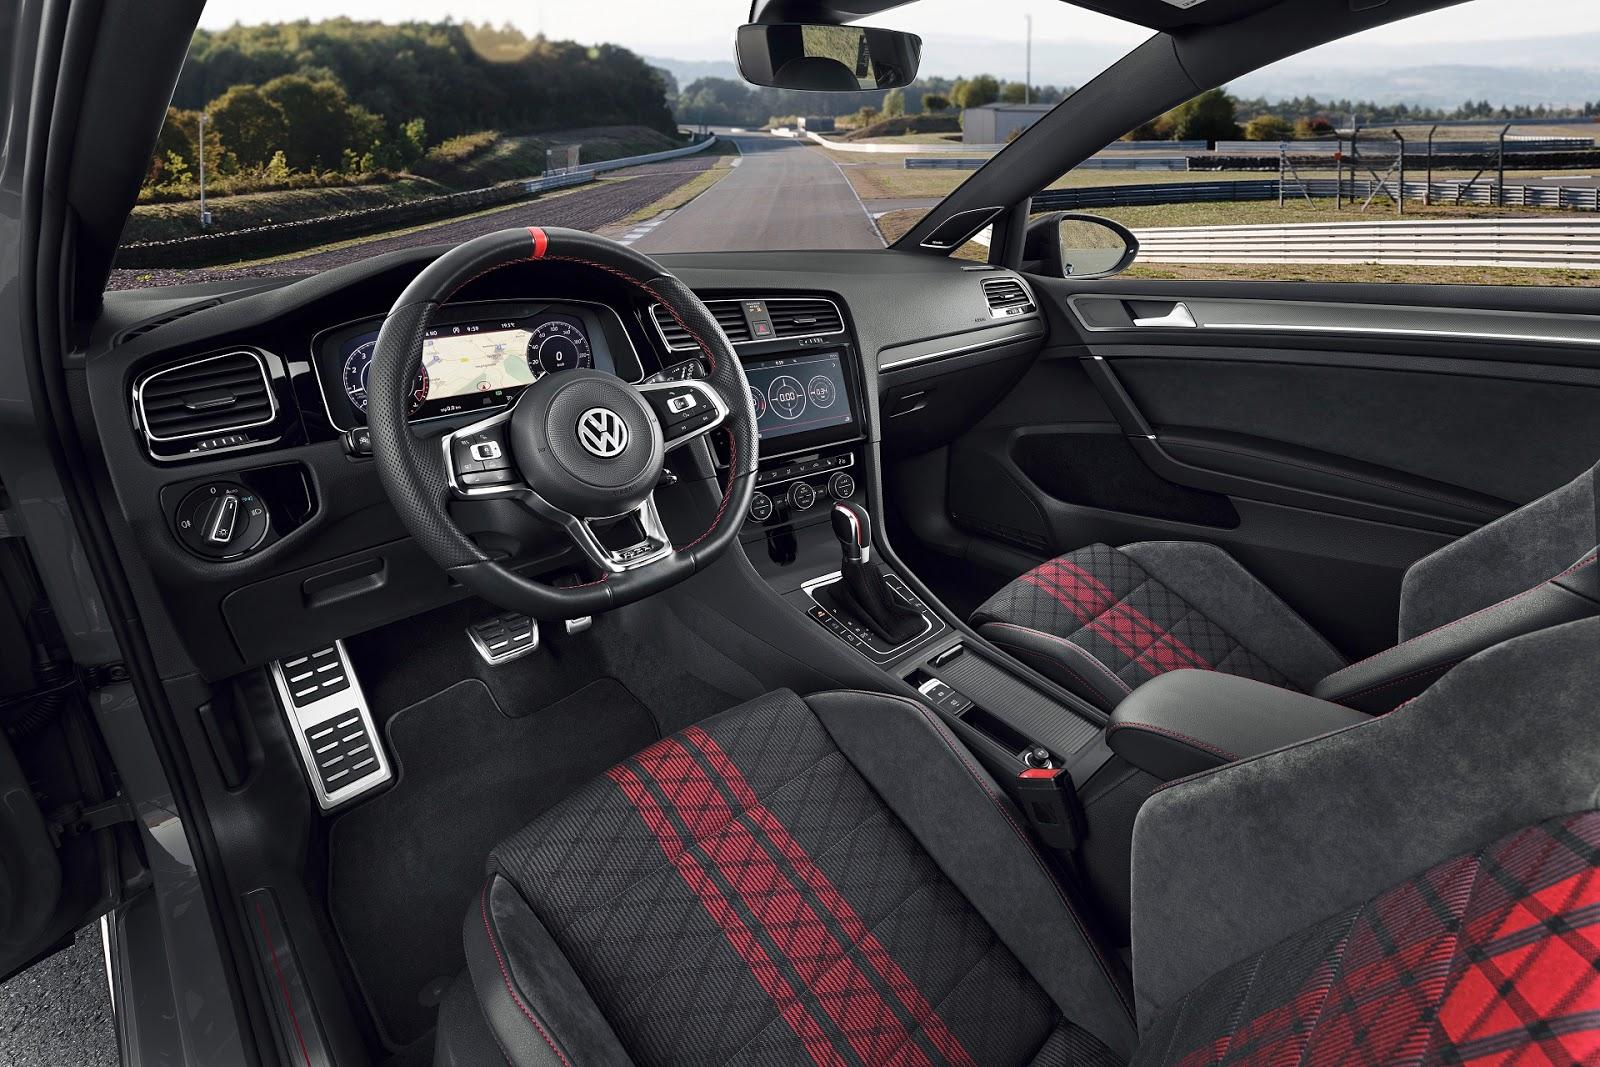 NEO2BVOLKSWAGEN2BGOLF2BGTI2BTCR 8 Σε τι τιμή διατίθεται το γρηγορότερο Golf GTI ever; Hot Hatch, Volkswagen, Volkswagen Golf, Volkswagen Golf GTI, VW, VW Golf GTI, zblog, μοντέλα